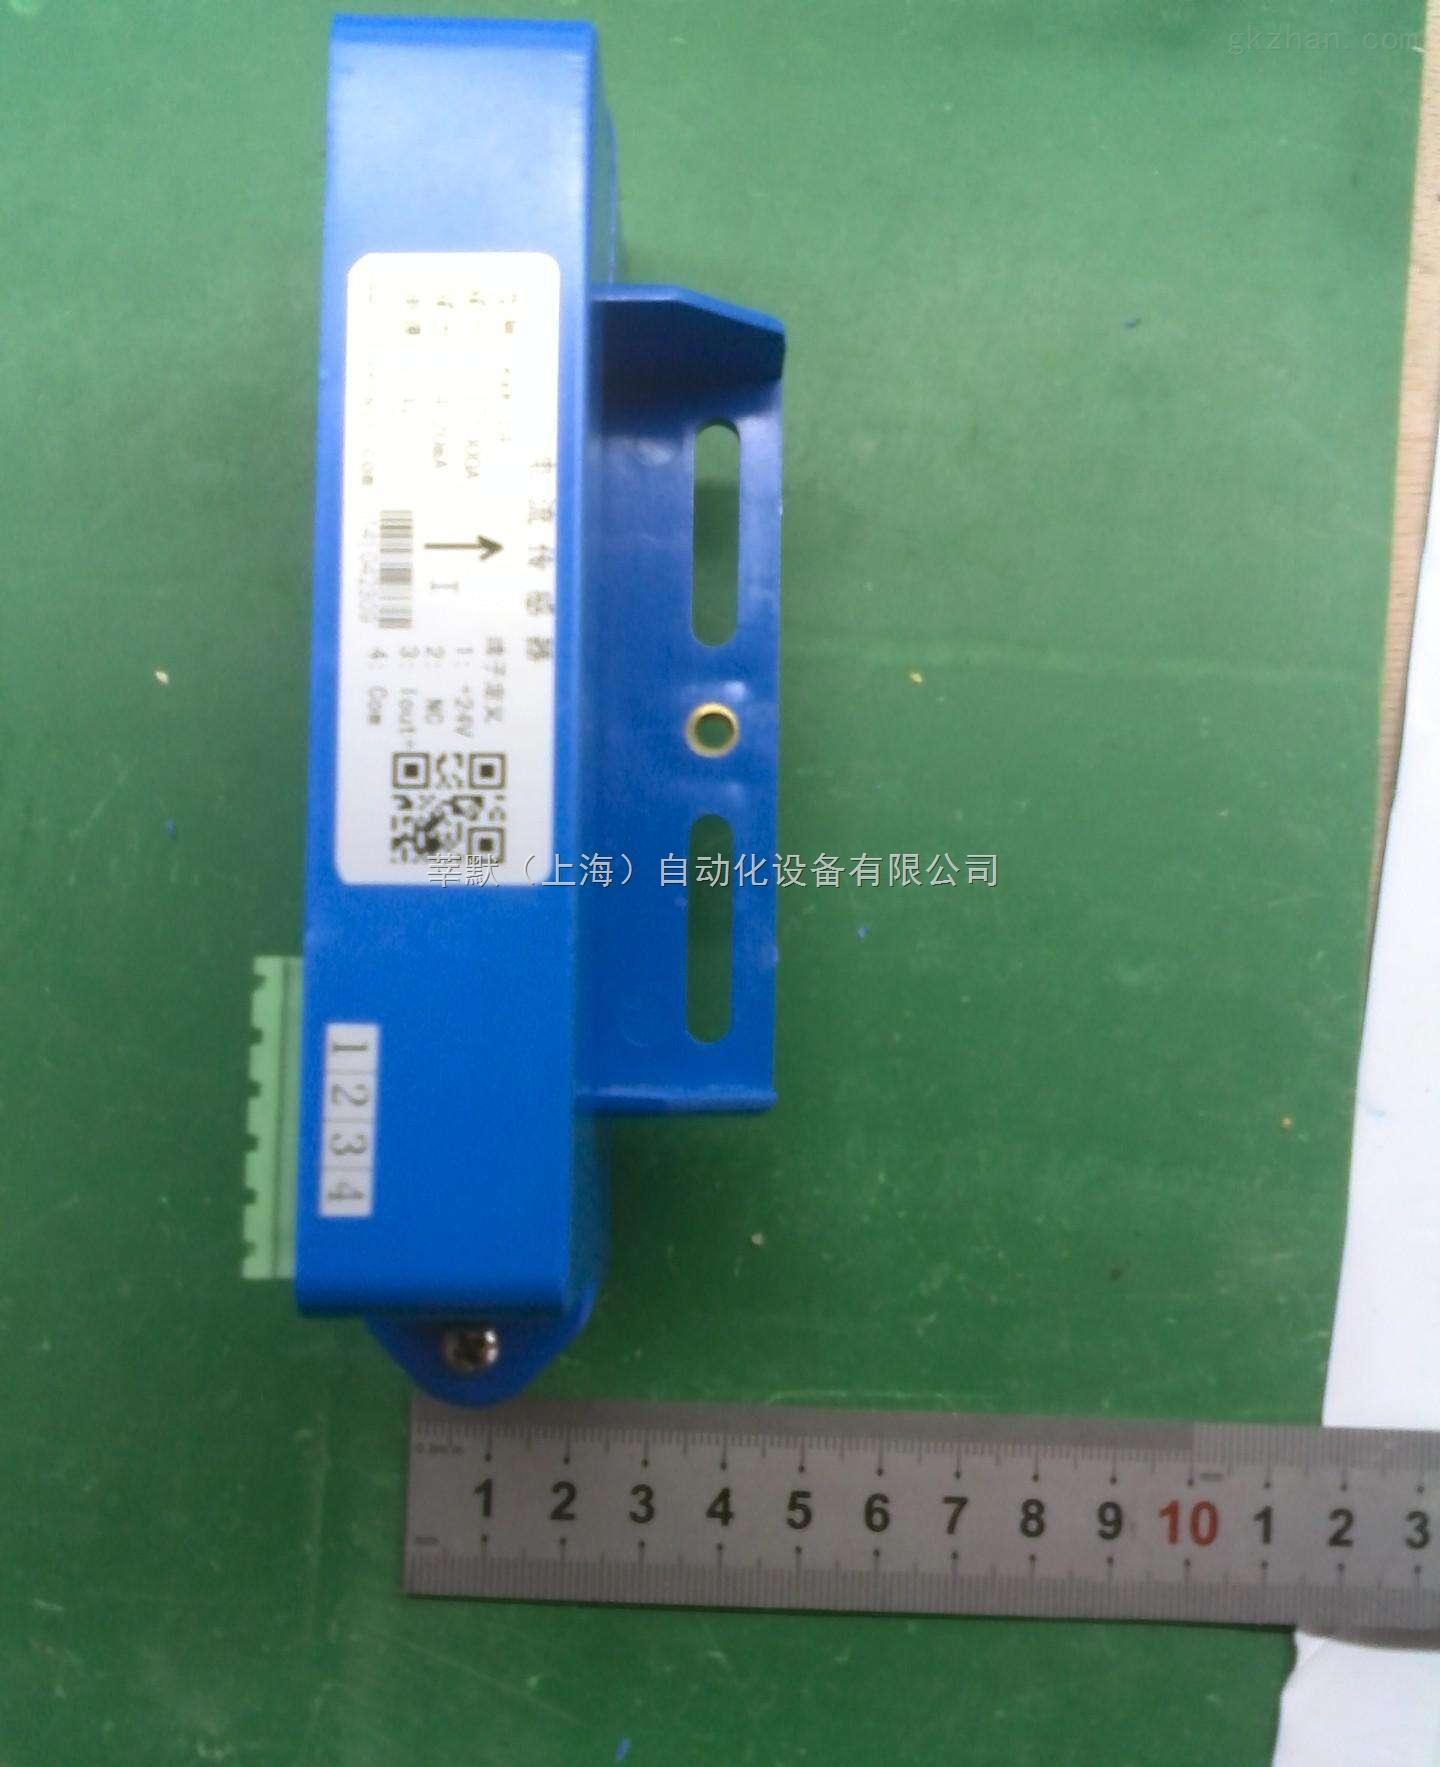 Vem Ie2 We2r 160 M4 Ikka020 2500 Nr0826103a43 Motor Wiring Diagram